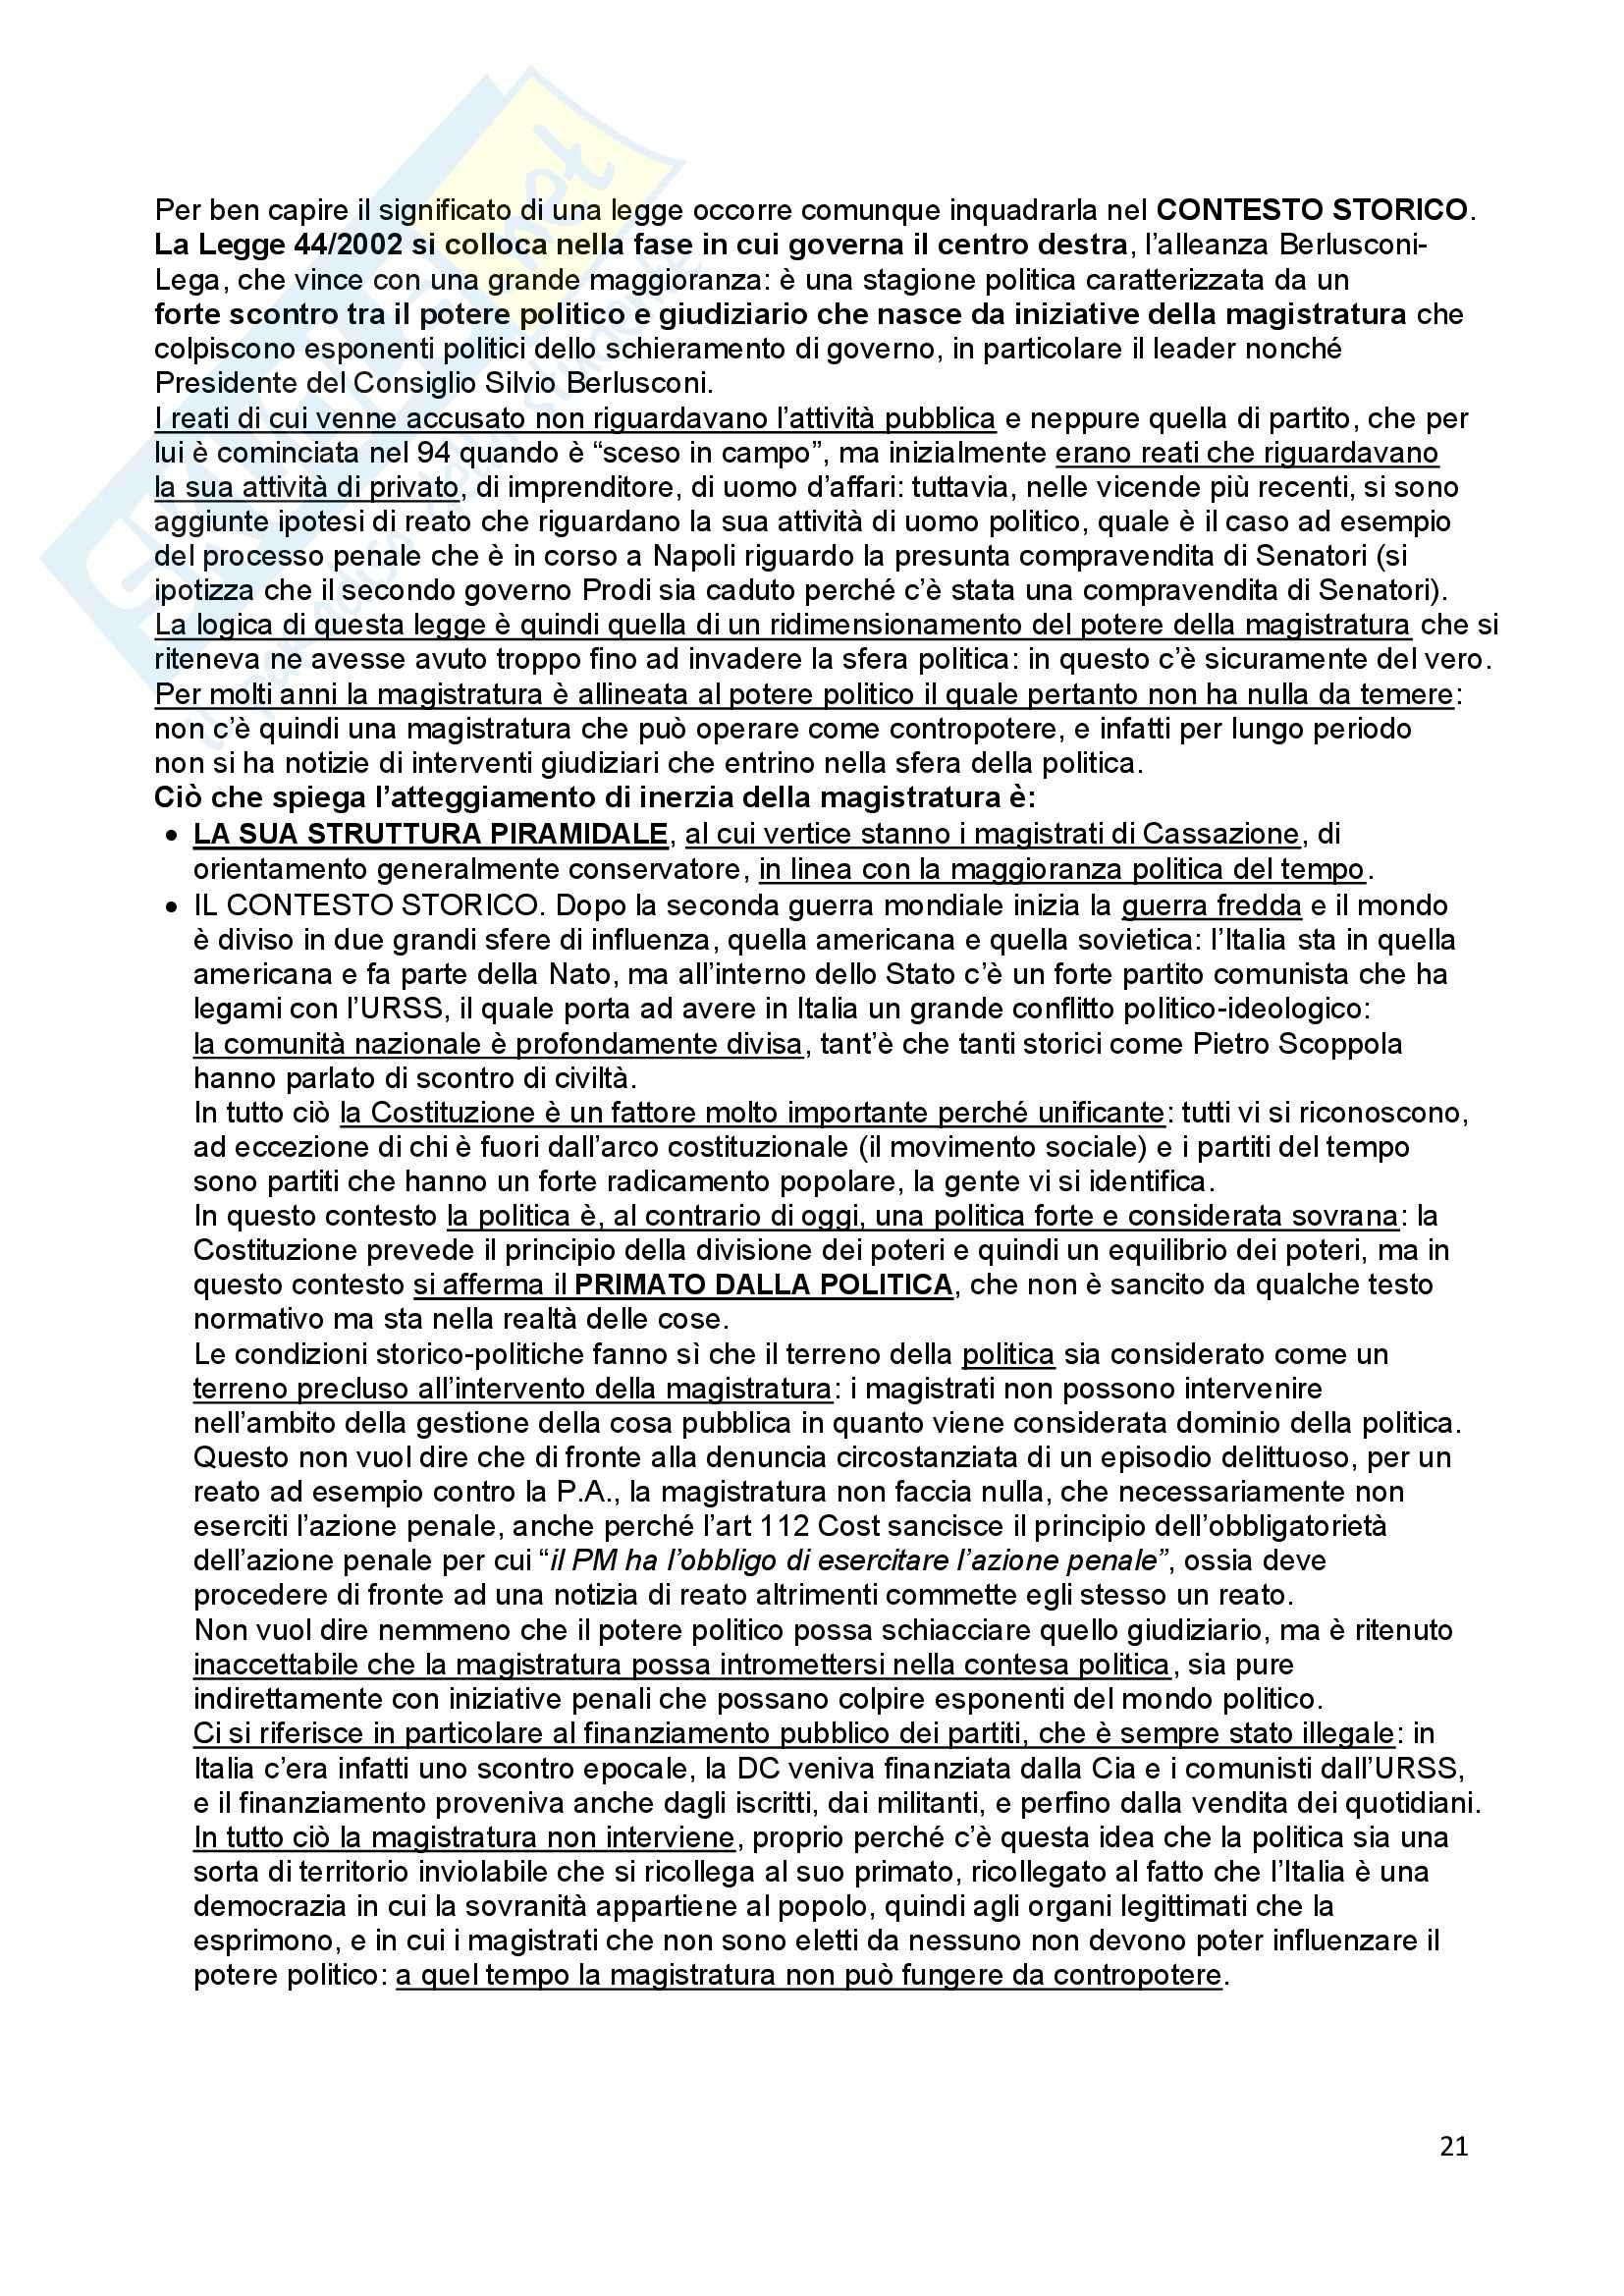 Diritto costituzionale - Il potere giudiziario Pag. 21